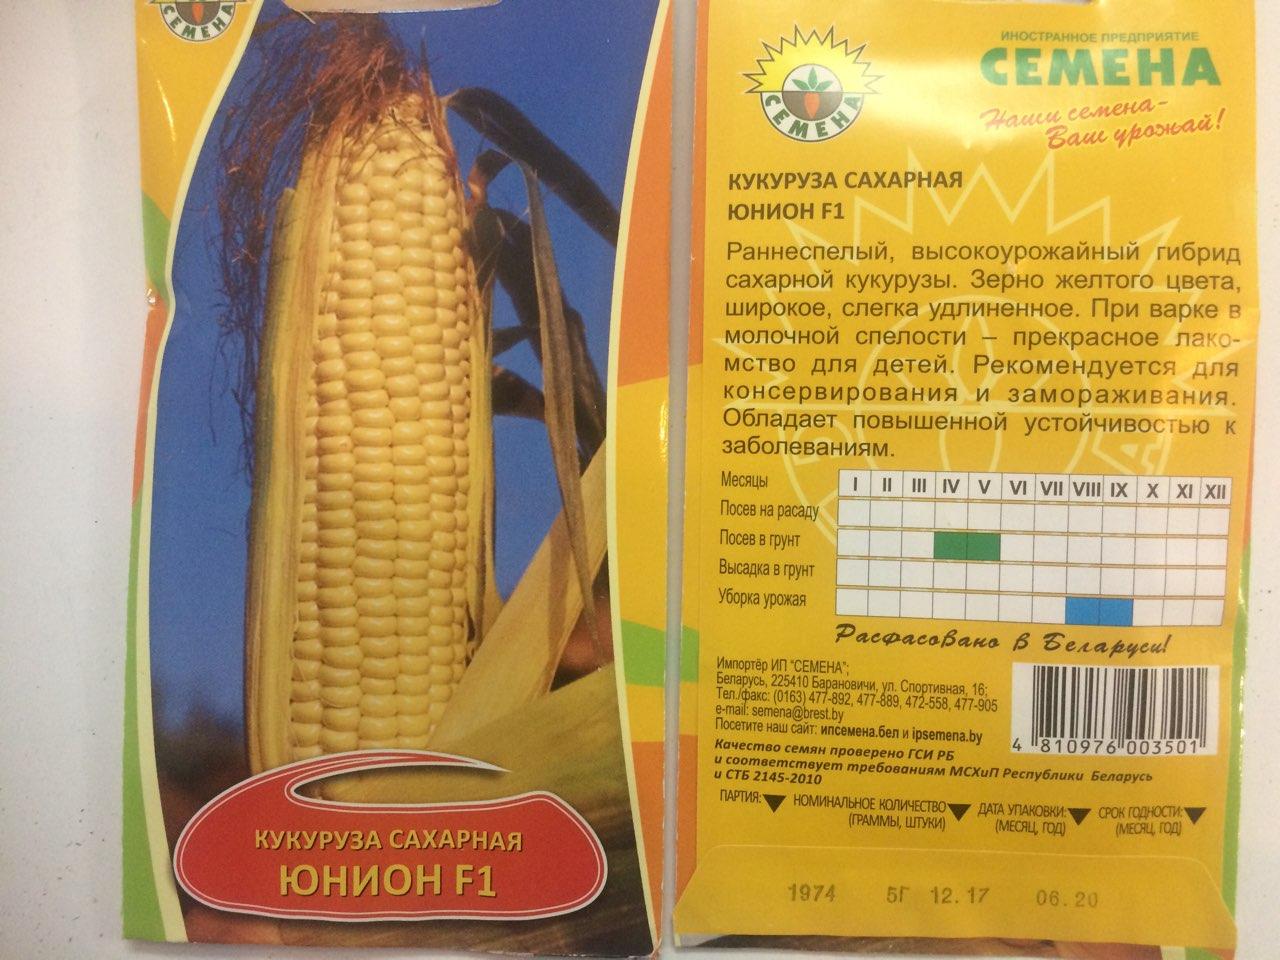 Как получить семена кукурузы в домашних условиях: отбор, сбор, хранение 76